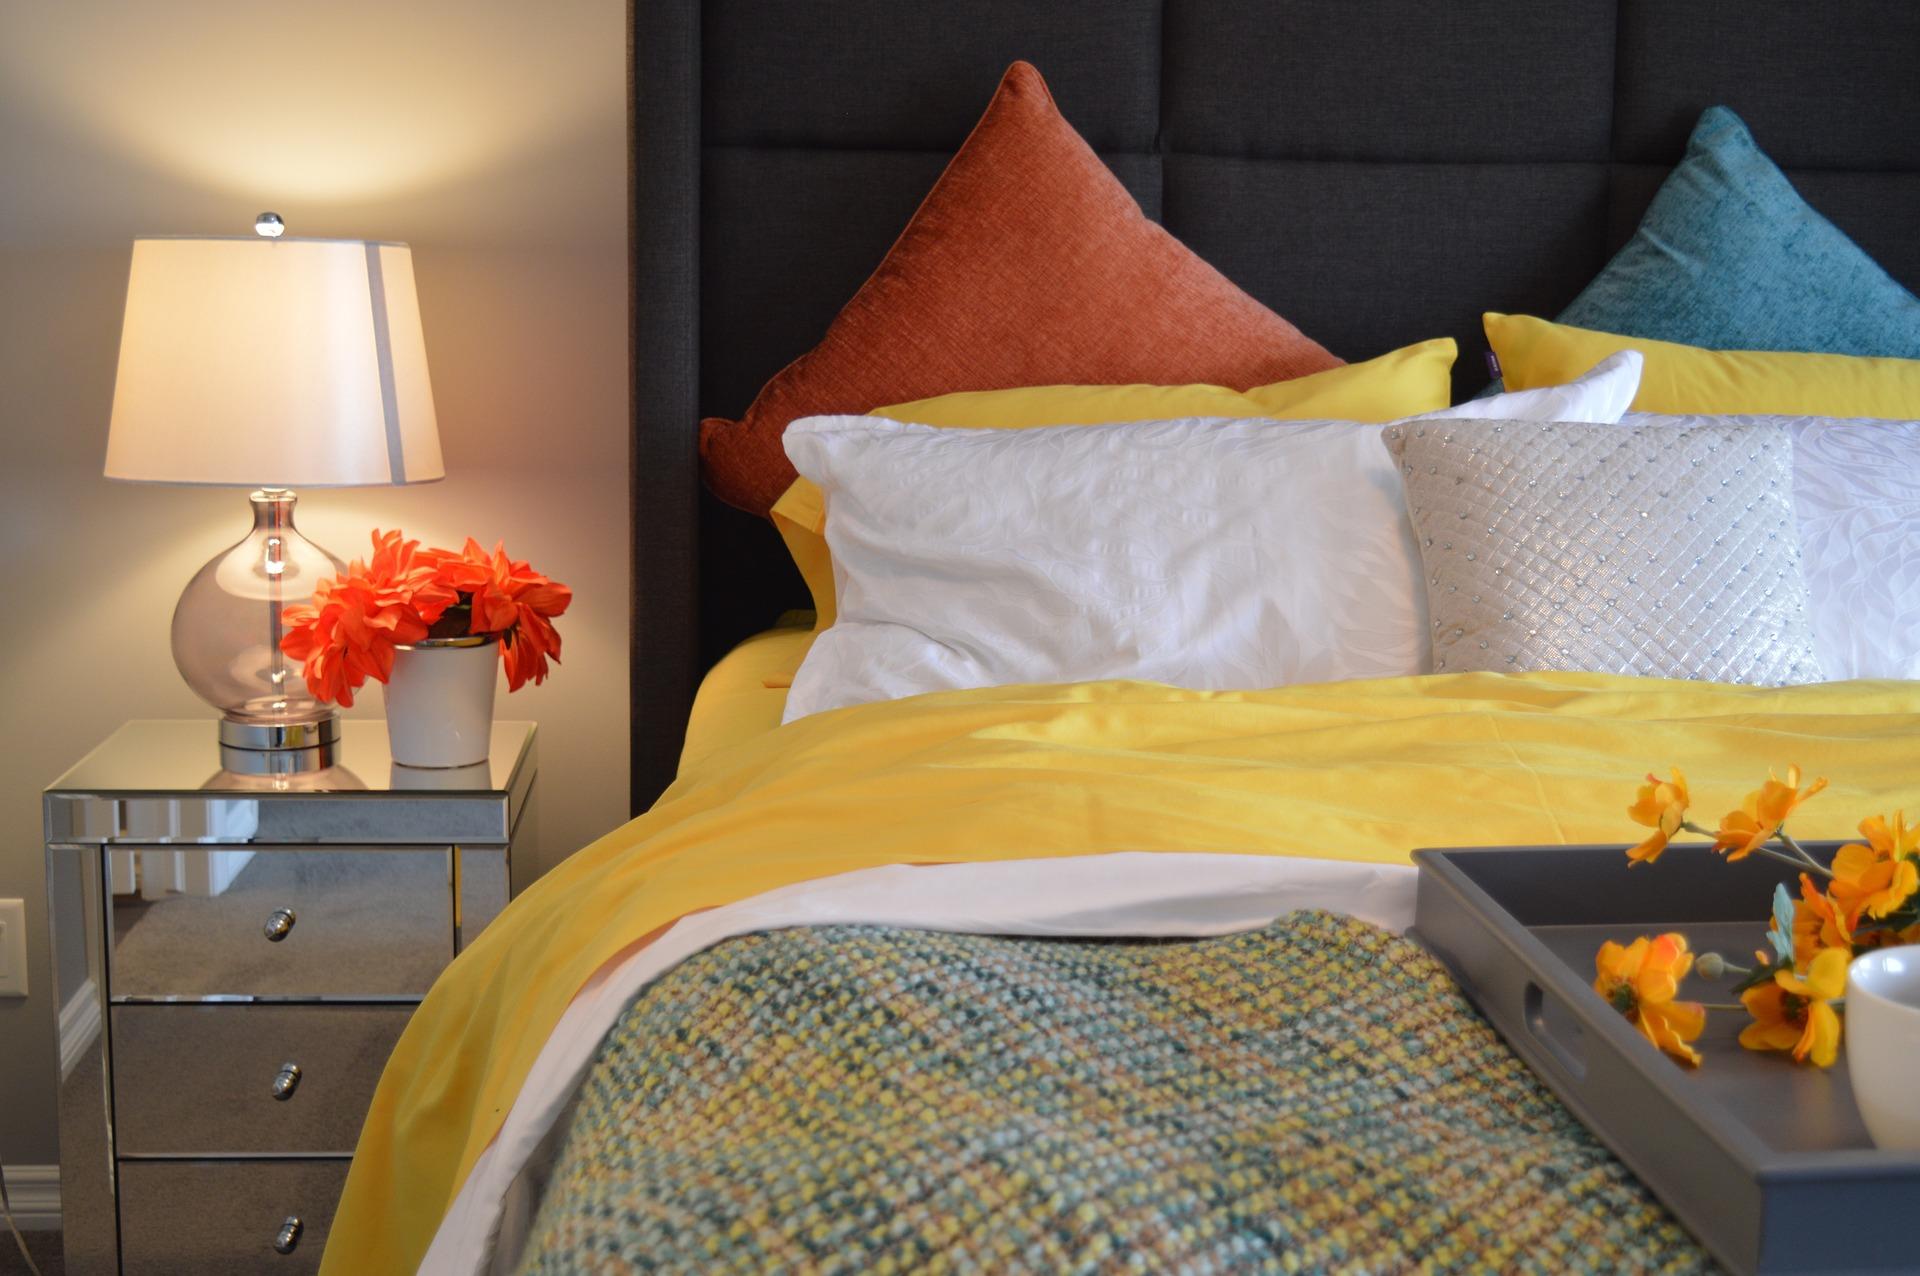 Conseils pour réussir le choix de la couleur parfaite de linge de lit